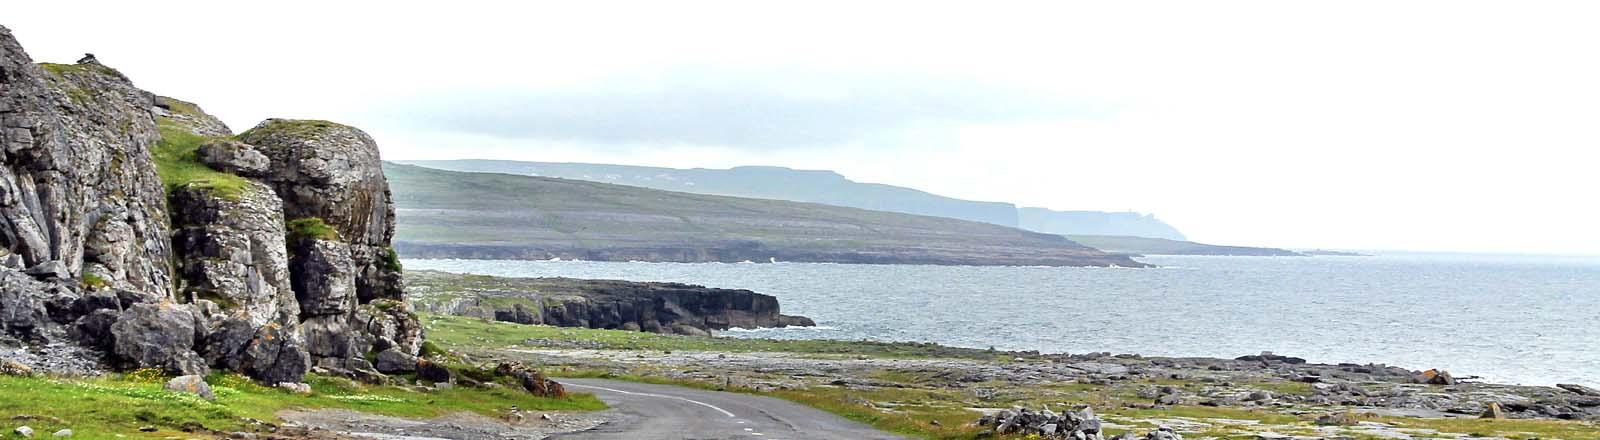 Eine Küstenstraße in Irland